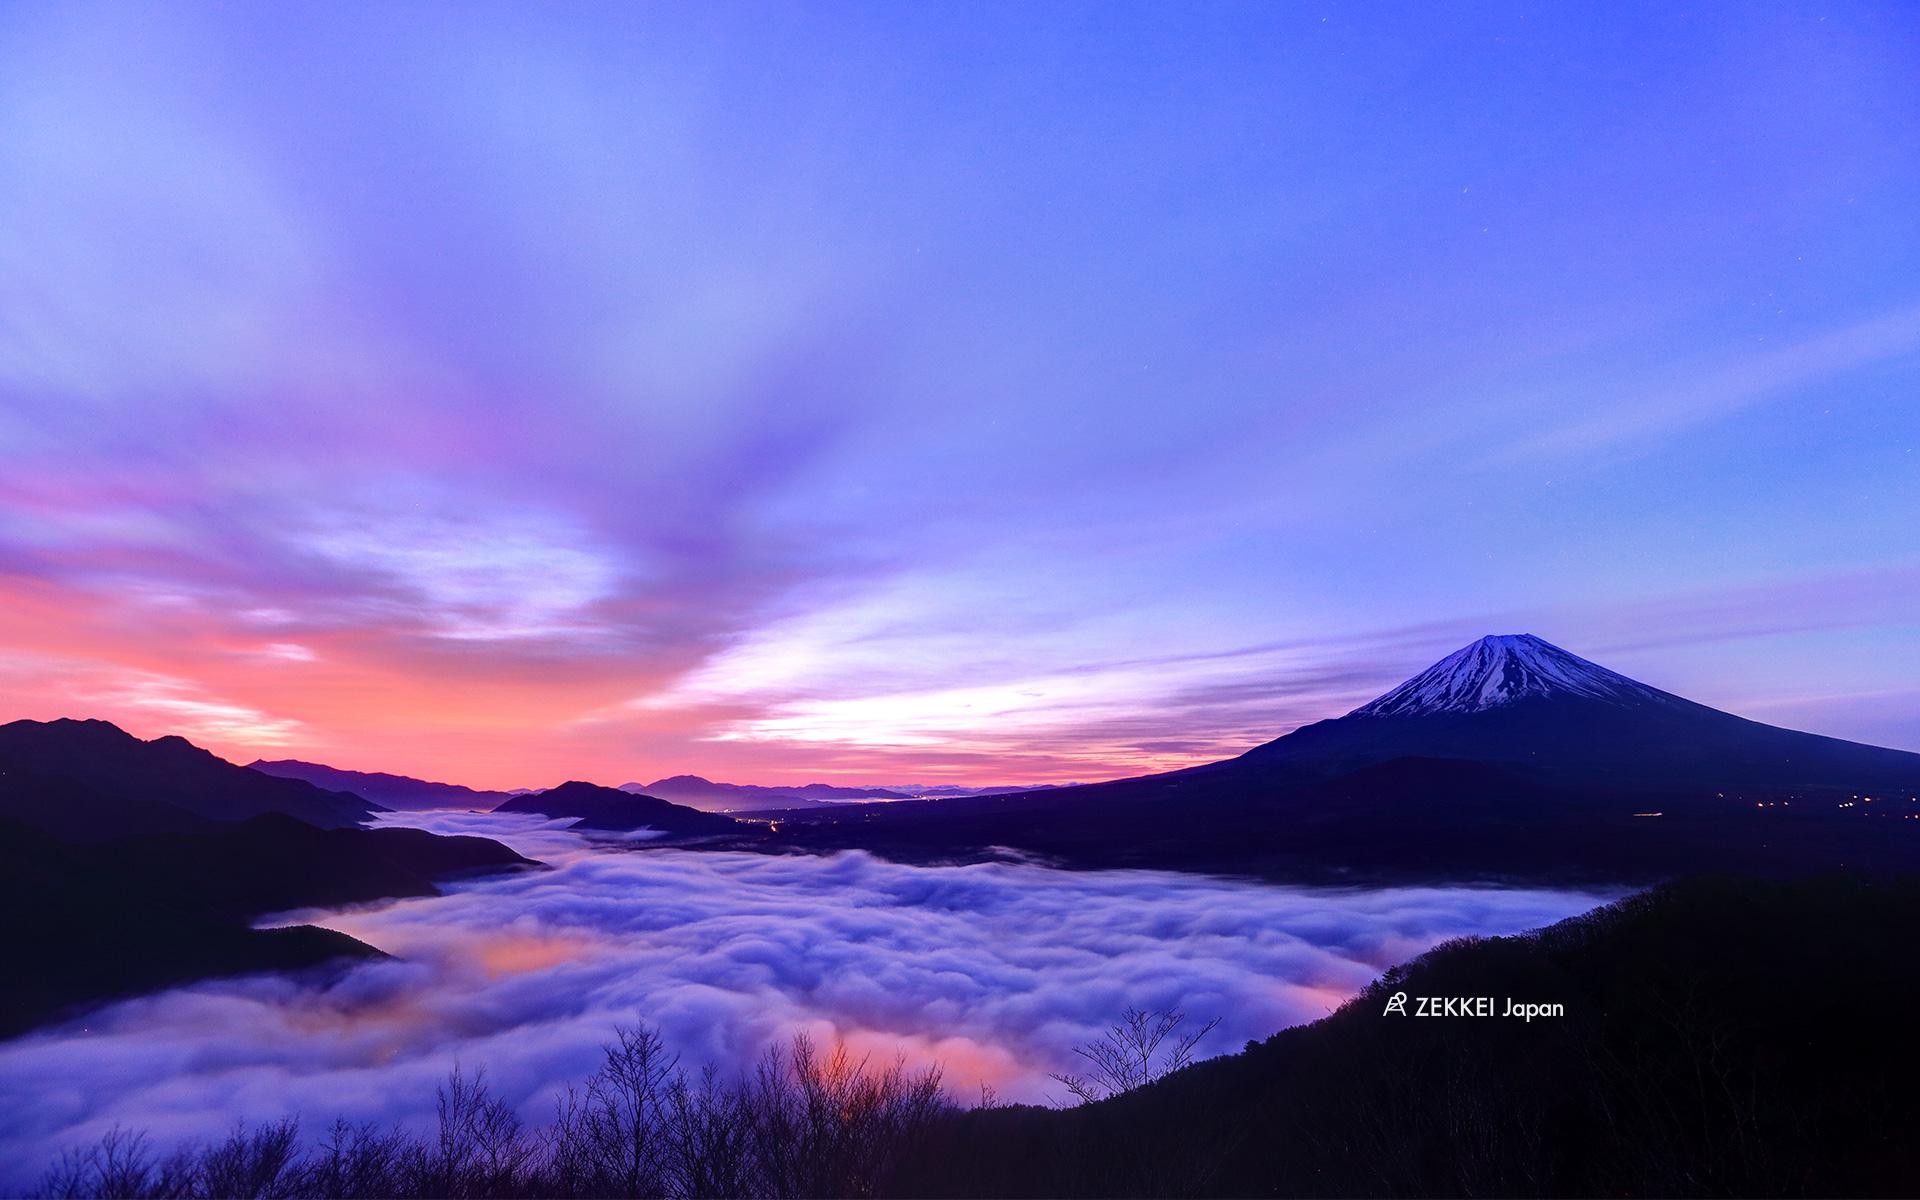 あなたのパソコン スマホに絶景を 梅雨が明けたら富士山に登ろう